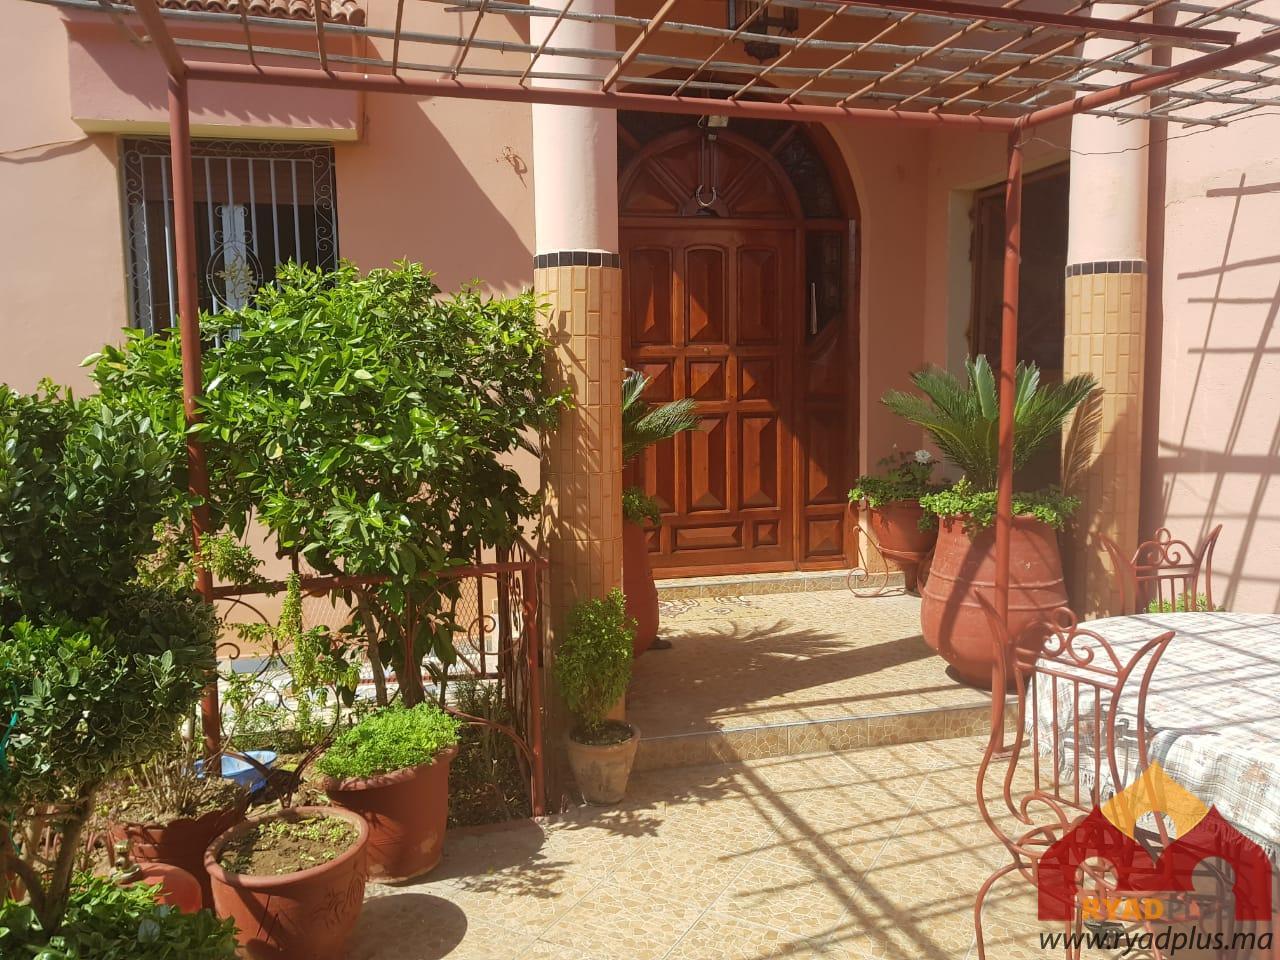 Vente <strong>Villa</strong> Marrakech  <strong>1400 m2</strong>